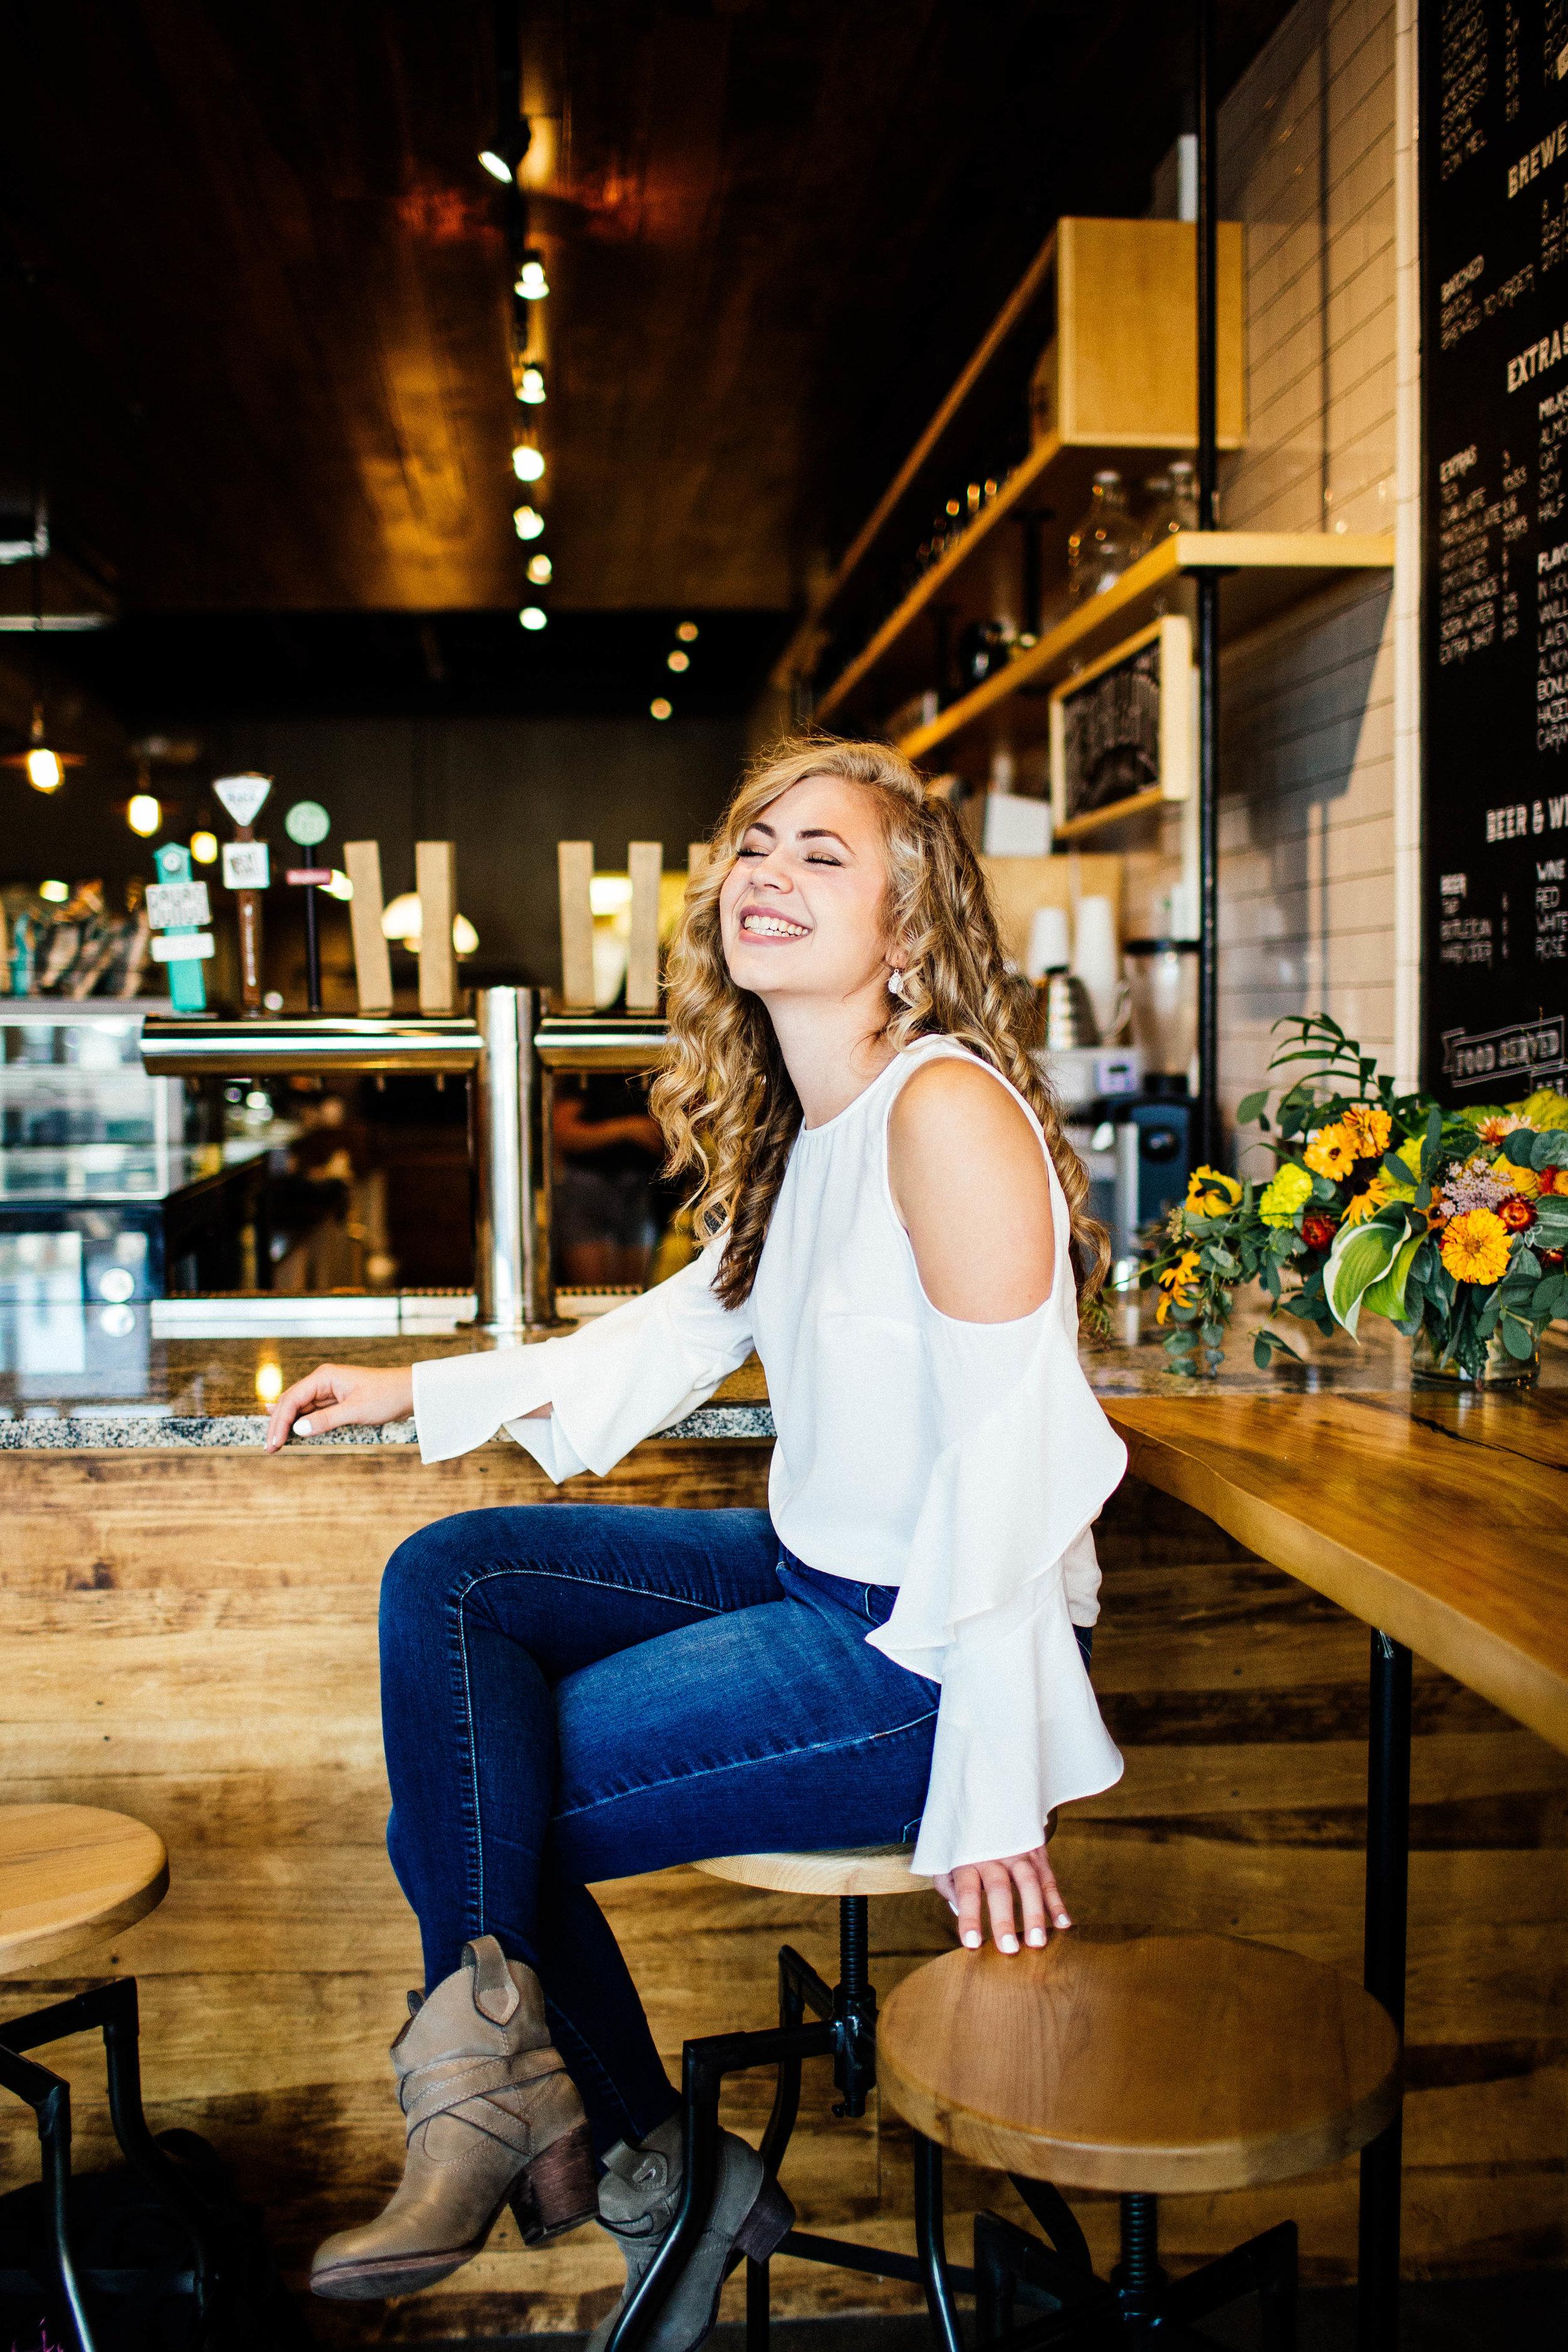 Minneapolis Senior Photographer at Quixotic Coffee in St. Paul